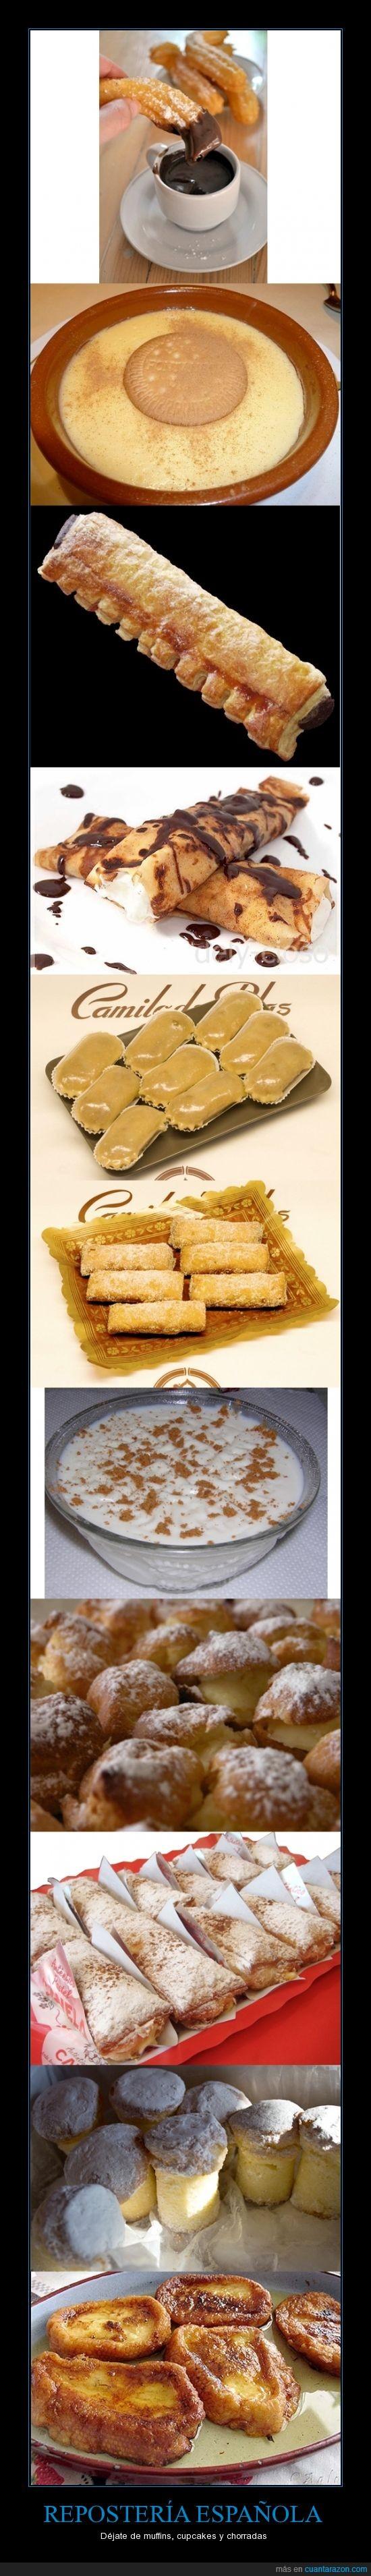 comida,dulce,española,muerte y gloria,pasta,postre,repostería,torrijas